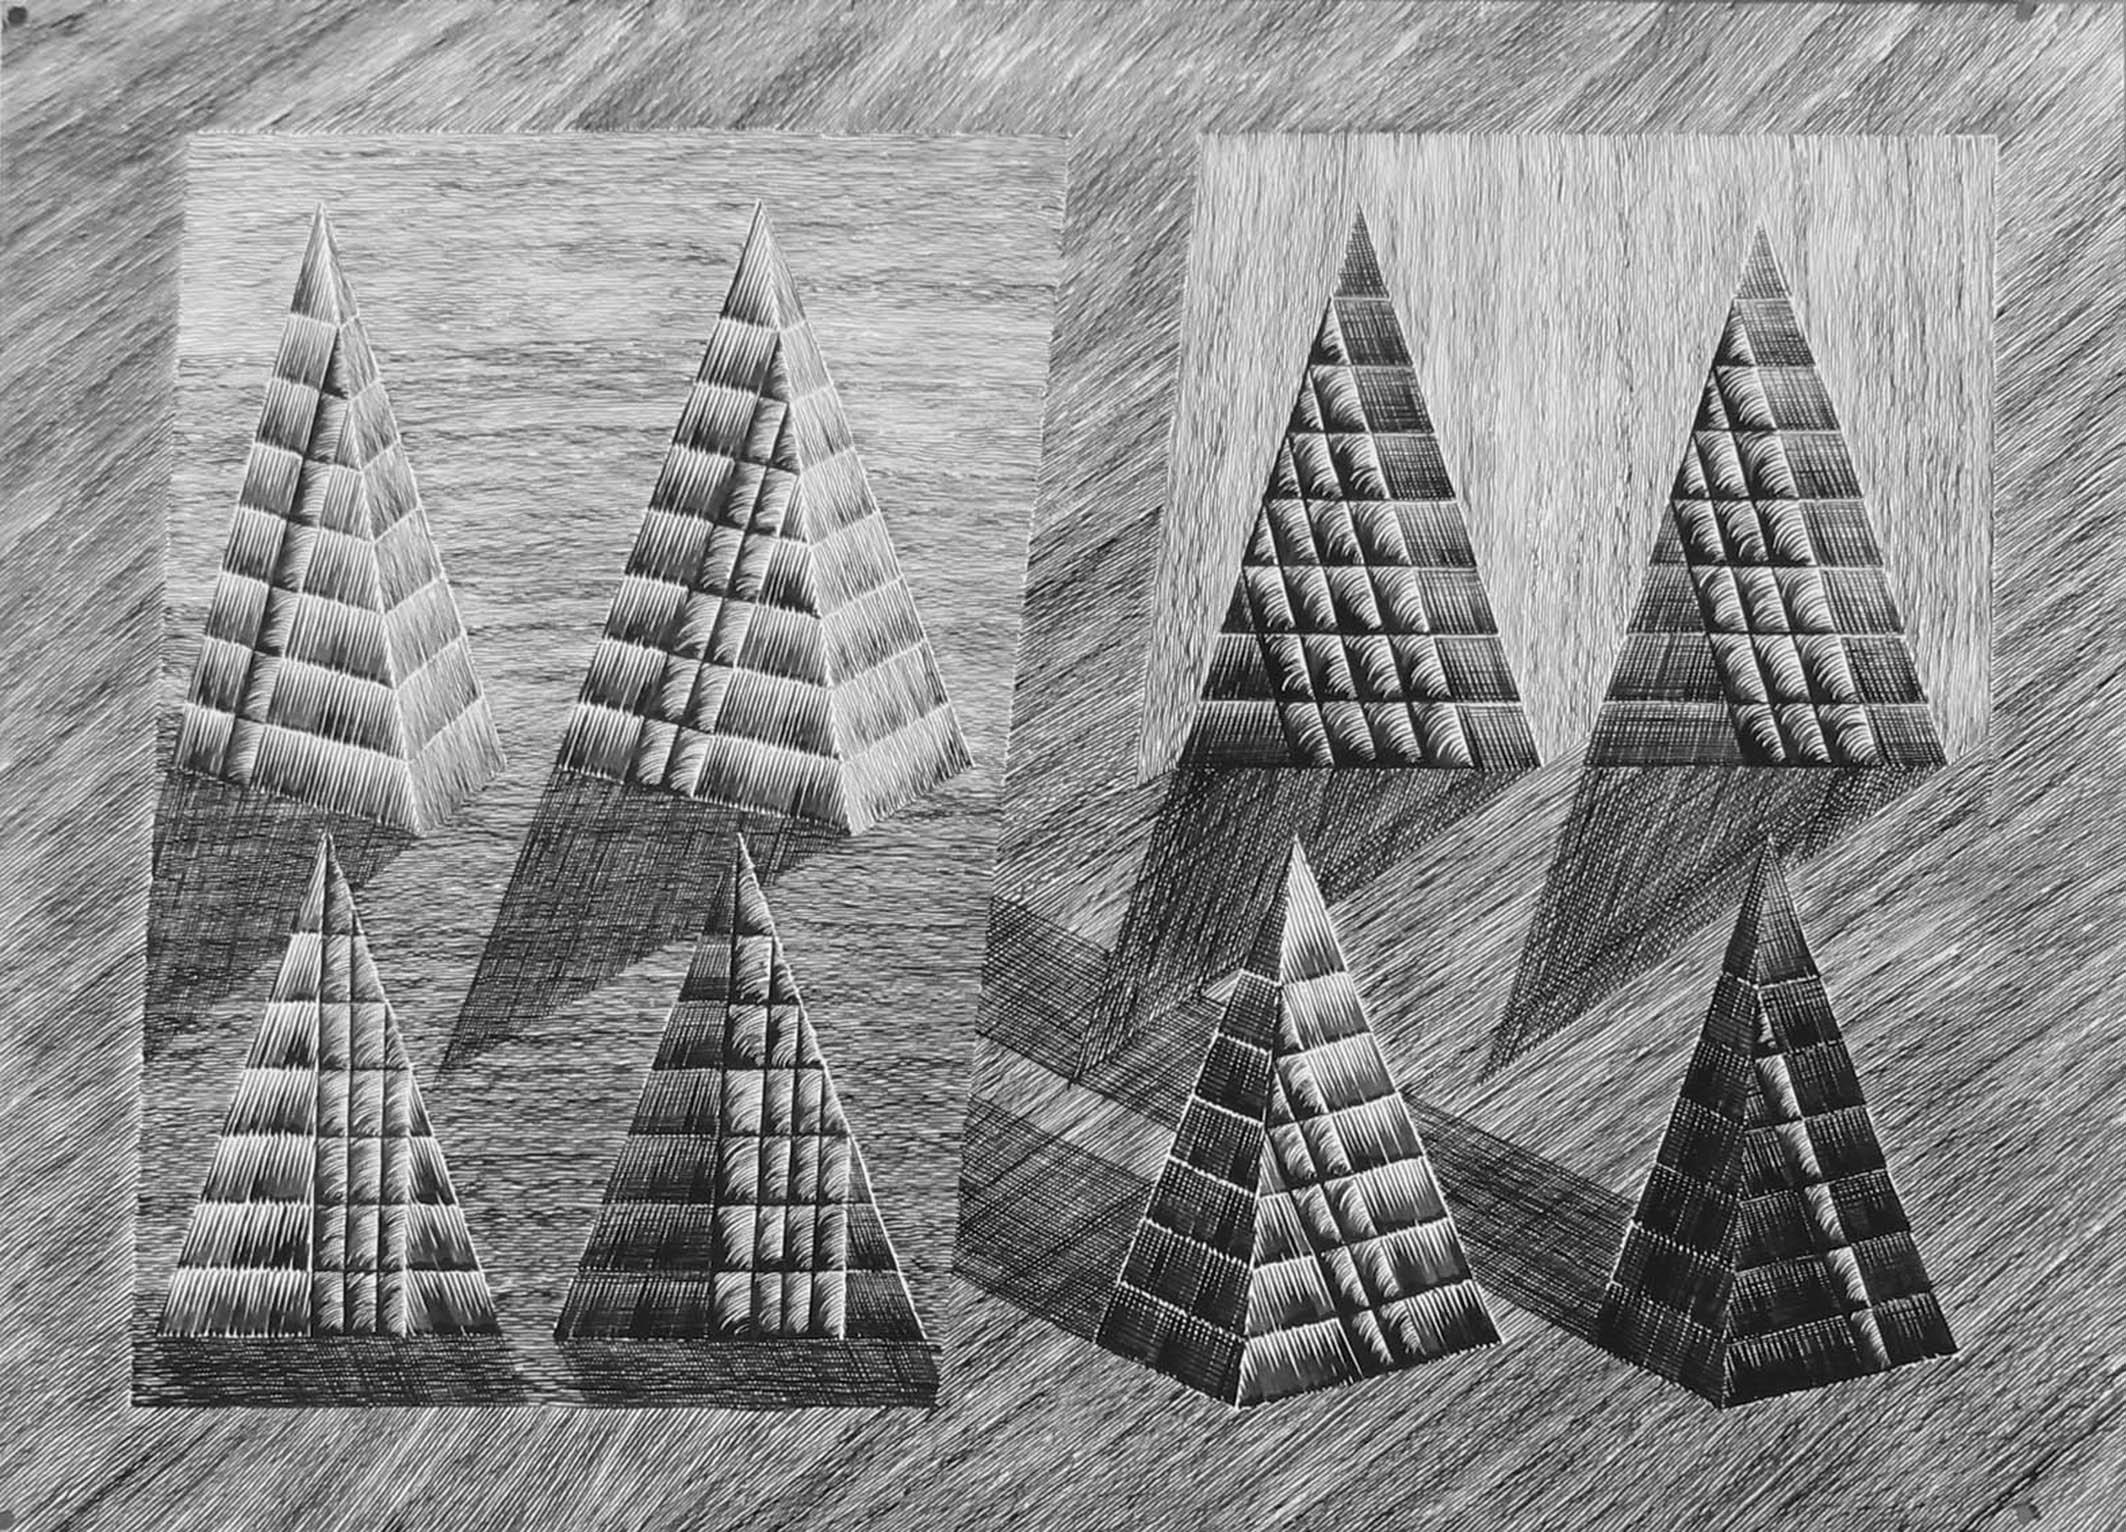 21 Rytm piramidalny_The Pyramid Rhytm - rys tusz_ink, 73x102, 1991